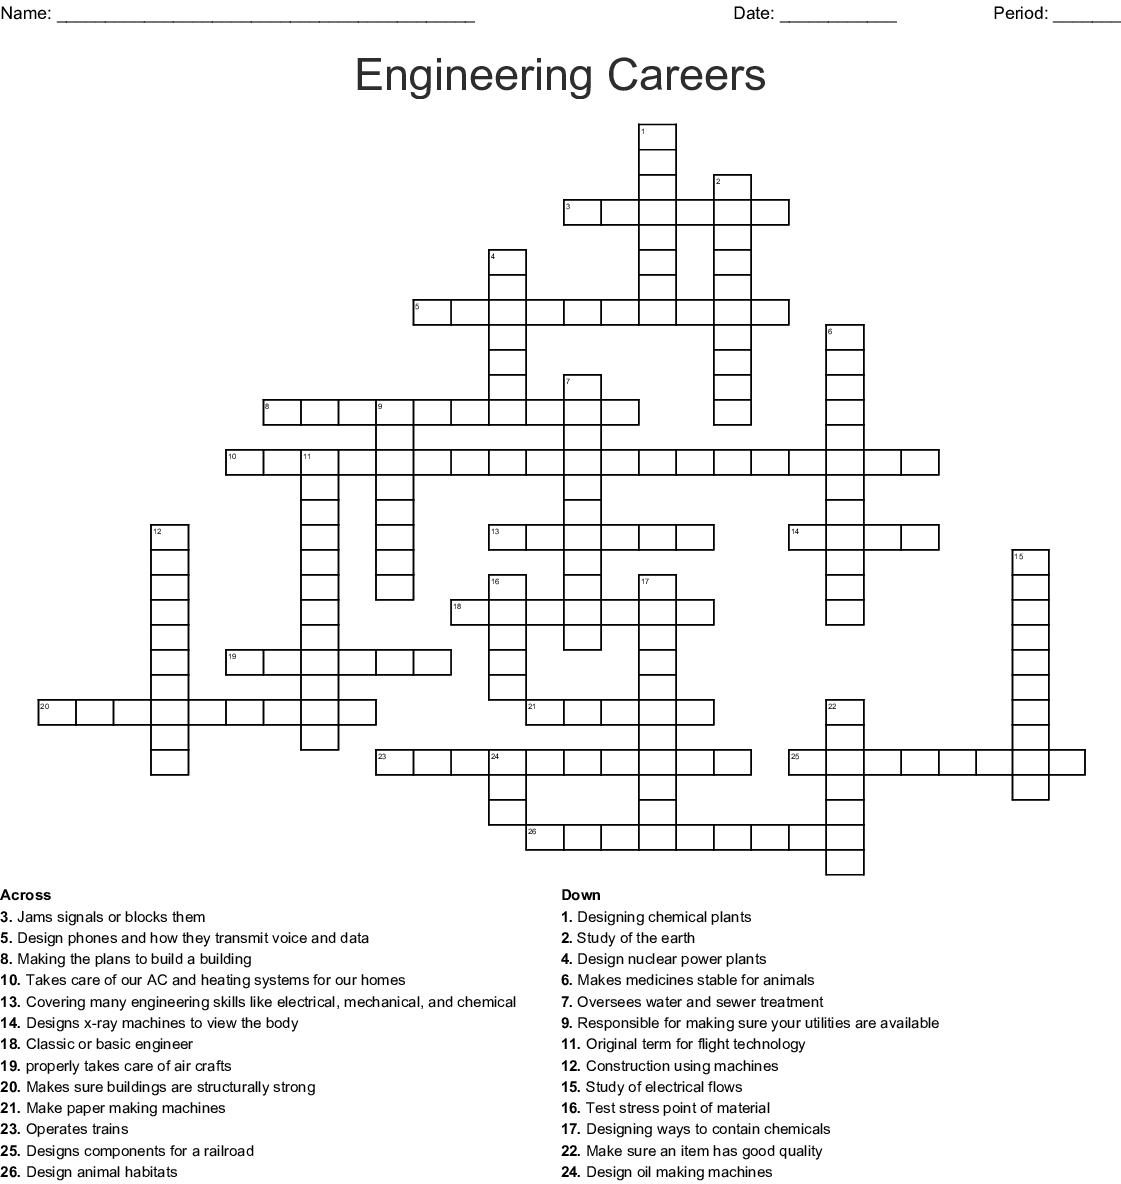 Engineering Careers Crossword